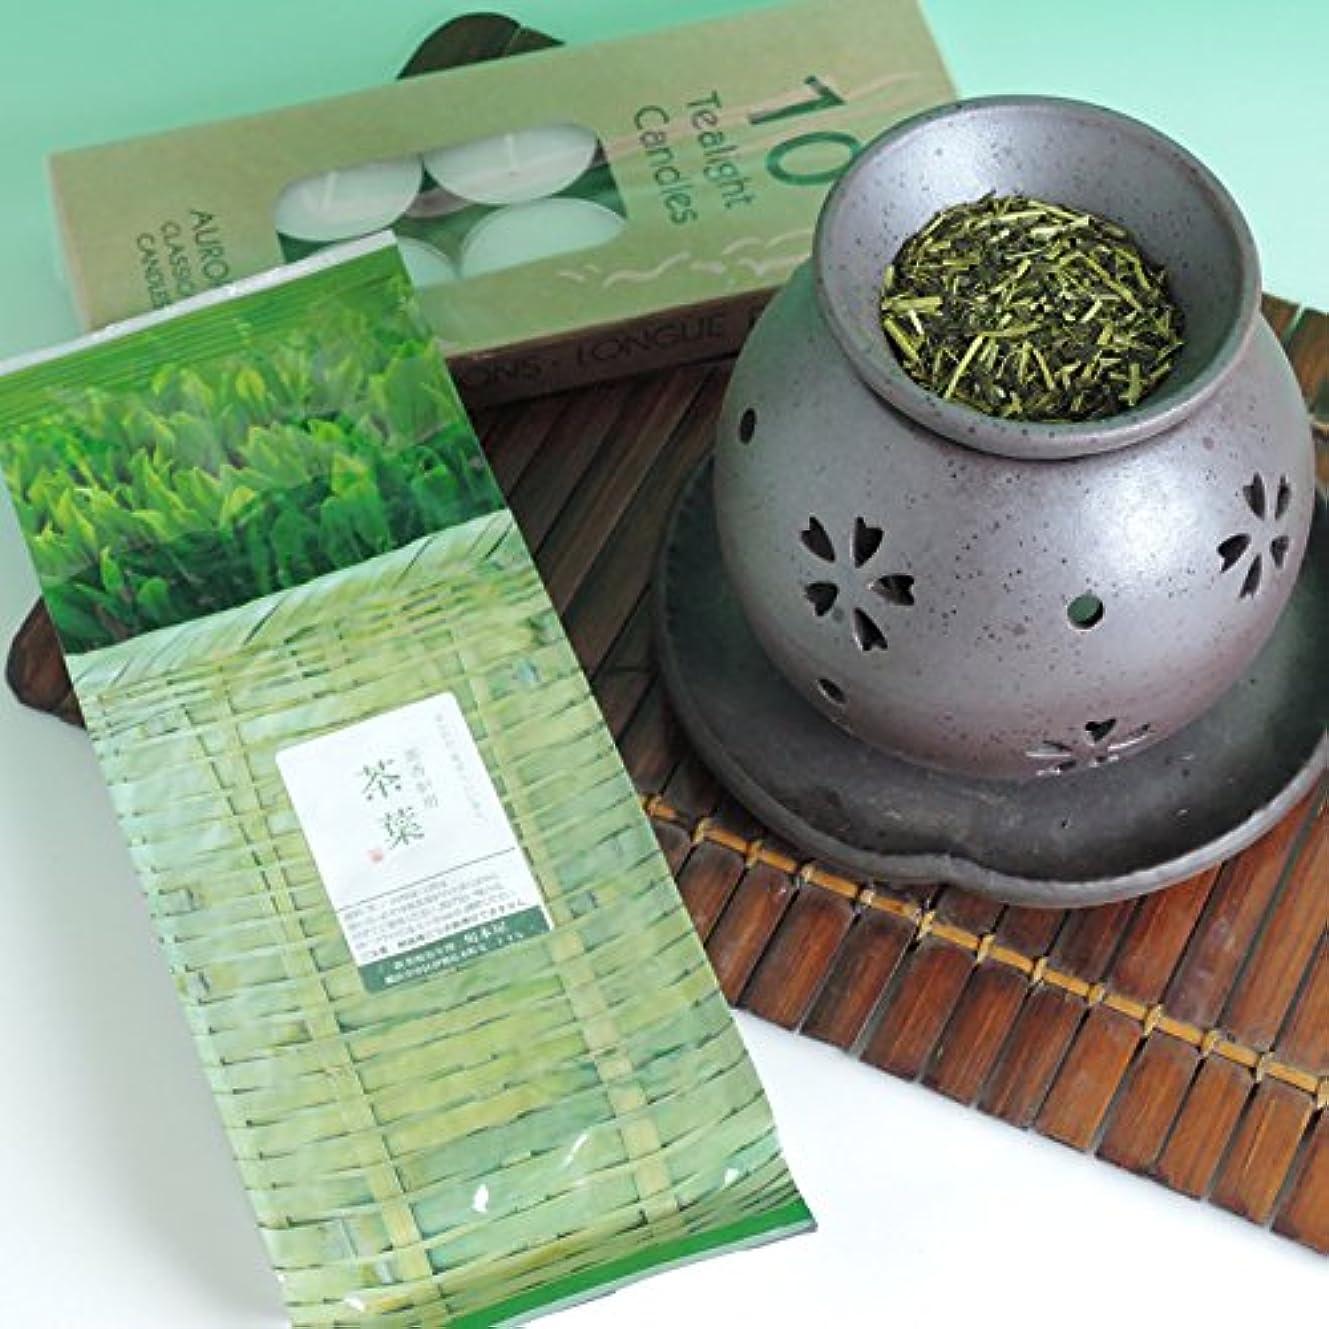 行方不明報復するに話す茶香炉 盛正作 ローソク 茶香炉専用 茶葉 セット 川本屋茶舗